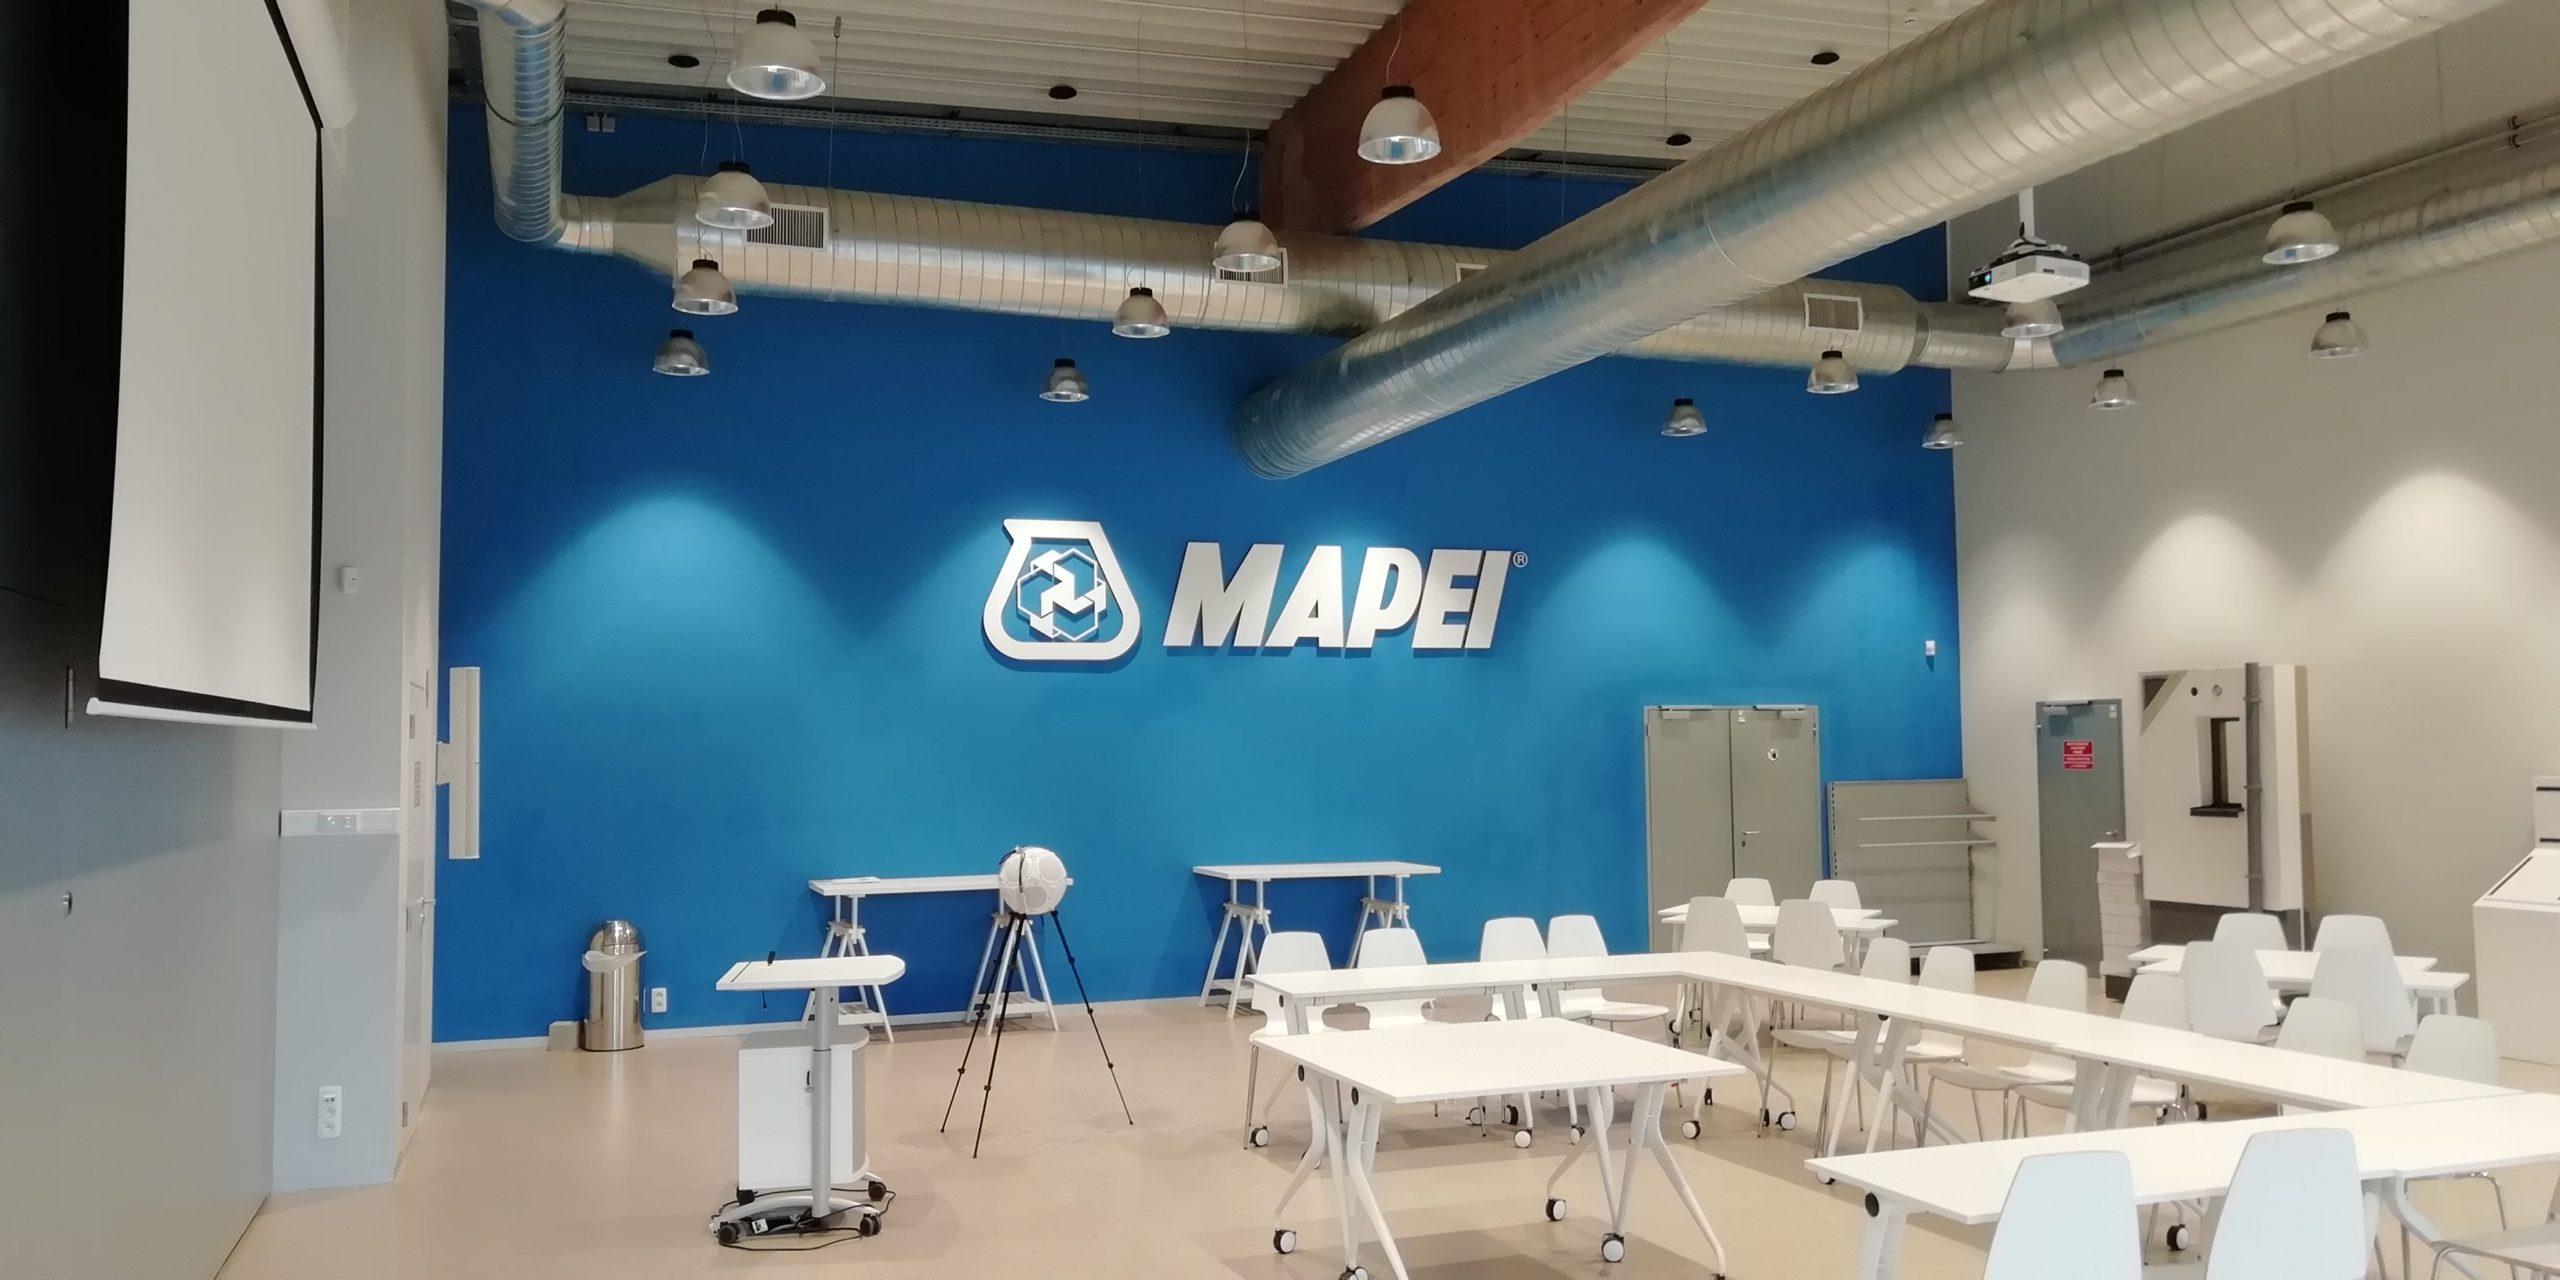 9 octobre 2019 – amélioration du confort acoustique de la salle de formation chez Mapei à Grâce-Hollogne